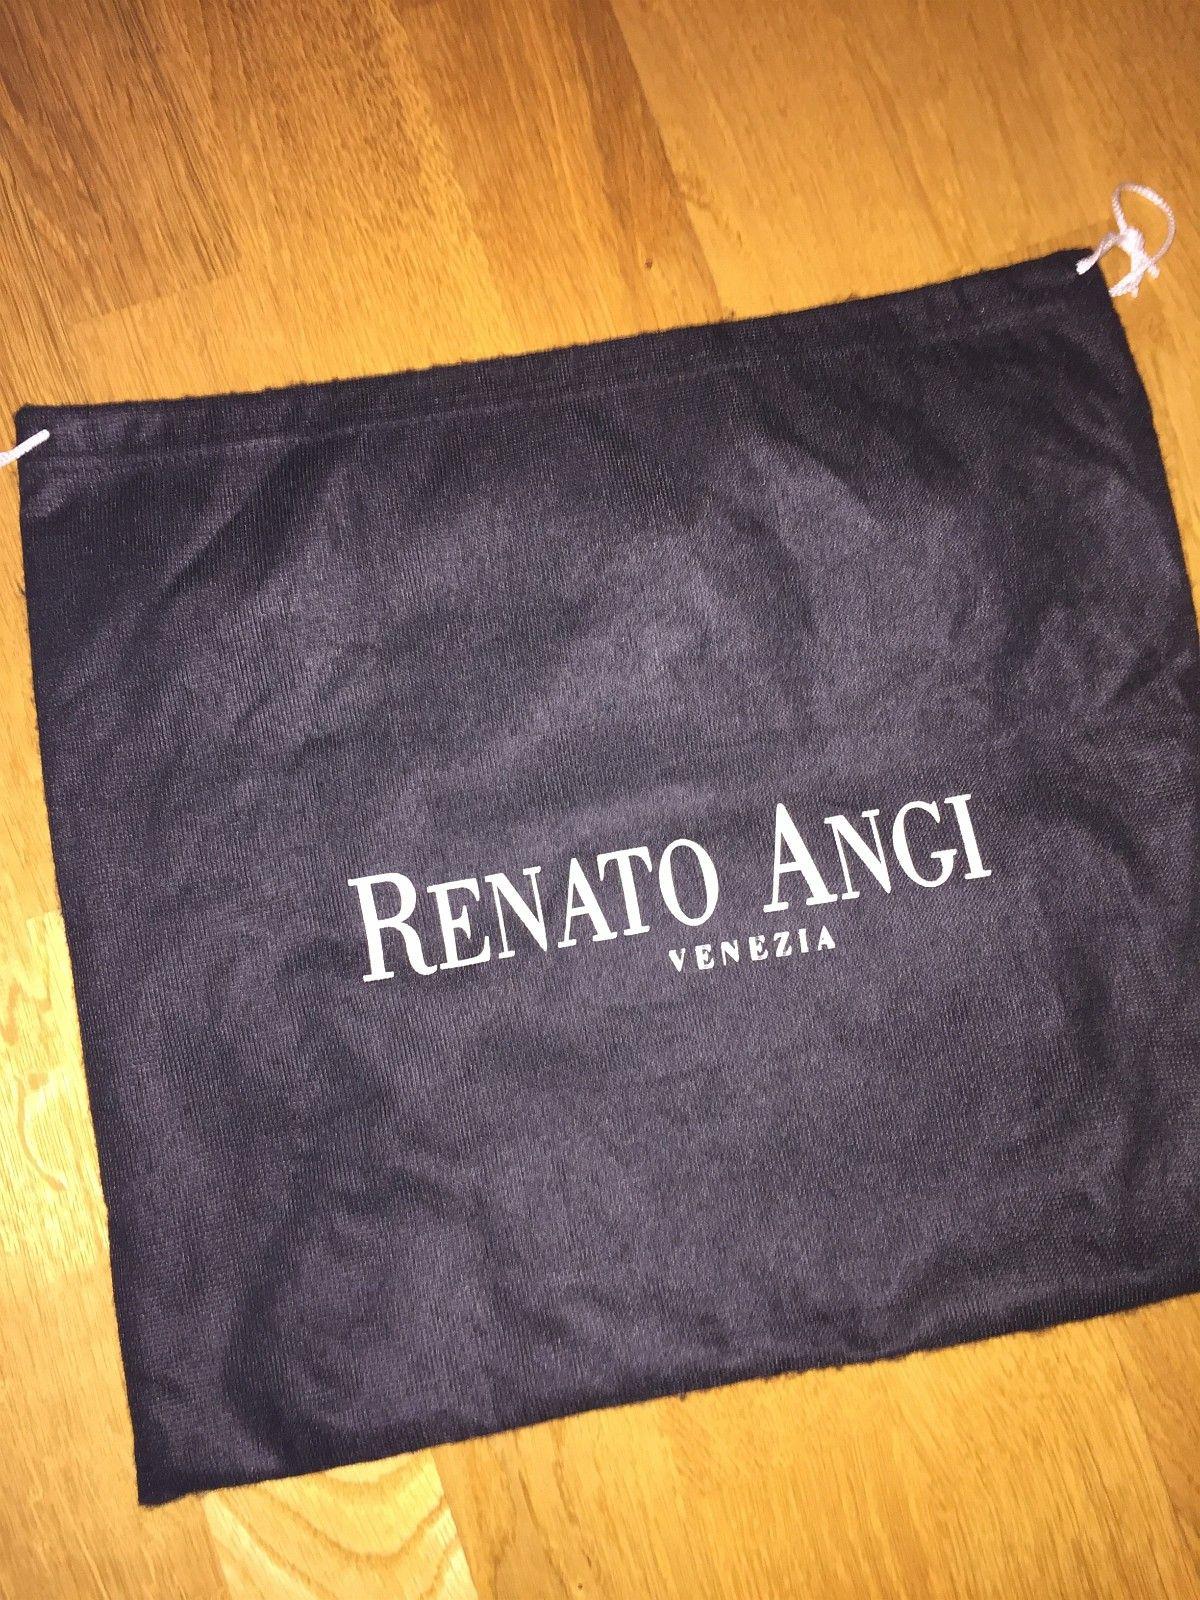 NY PRIS: Renato Angi italiensk design | FINN.no